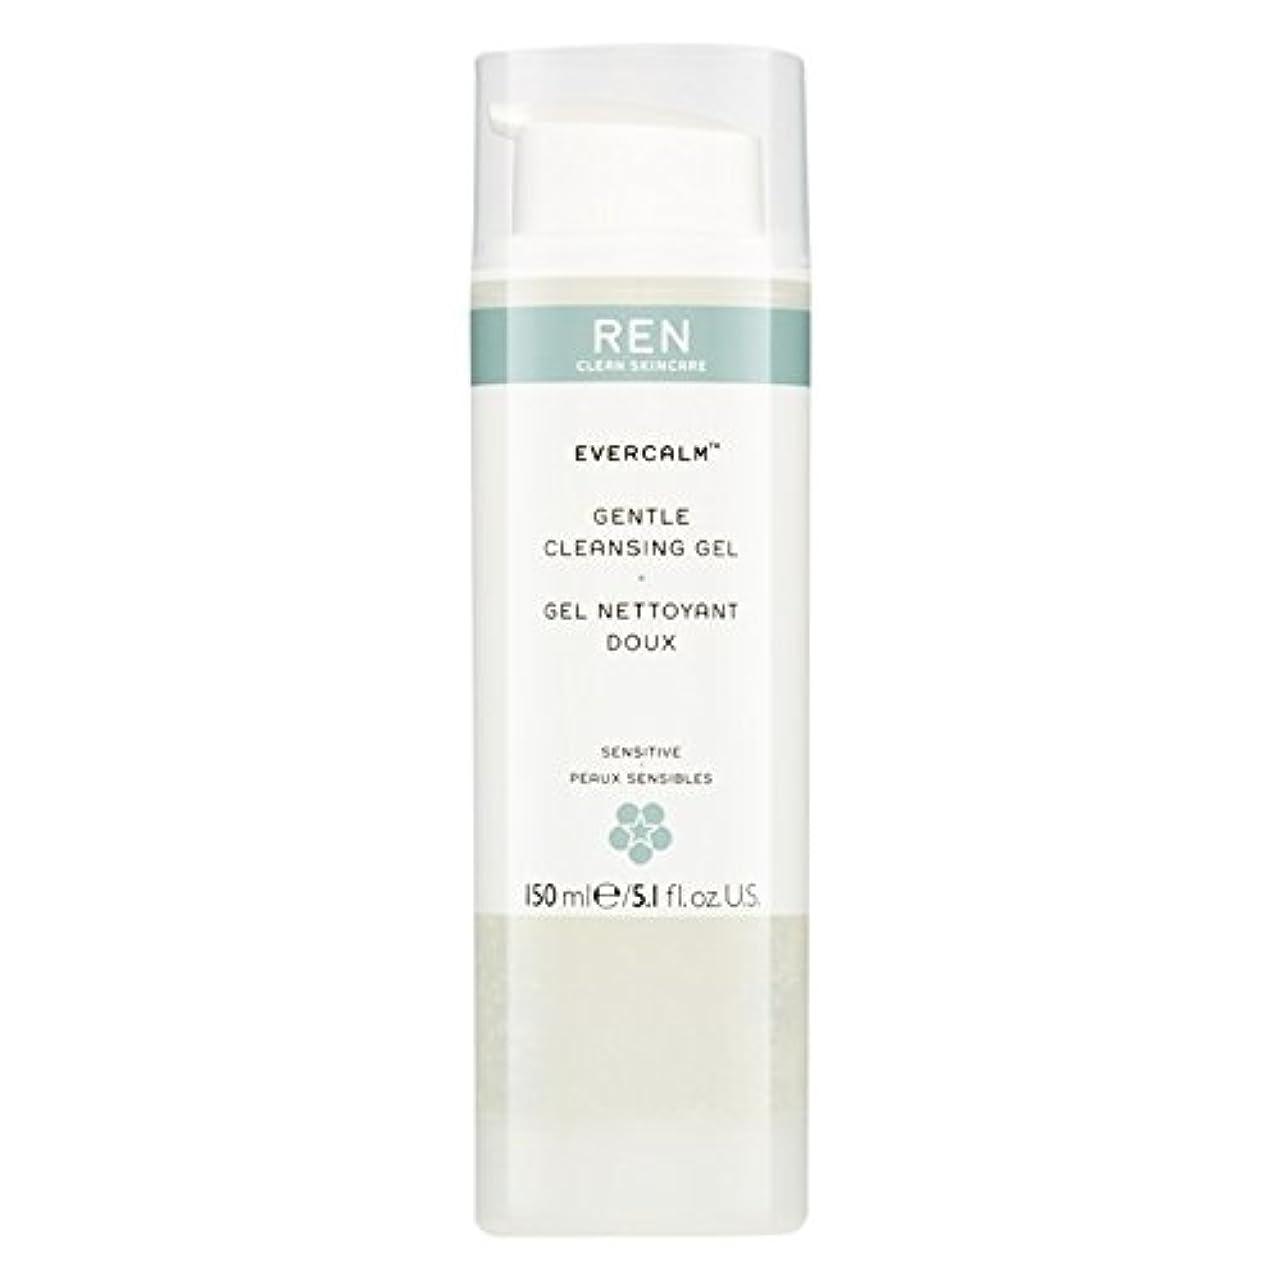 カレッジ自動偽装するRen Evercalm優しいクレンジングジェル、150ミリリットル (REN) (x2) - REN Evercalm Gentle Cleansing Gel, 150ml (Pack of 2) [並行輸入品]